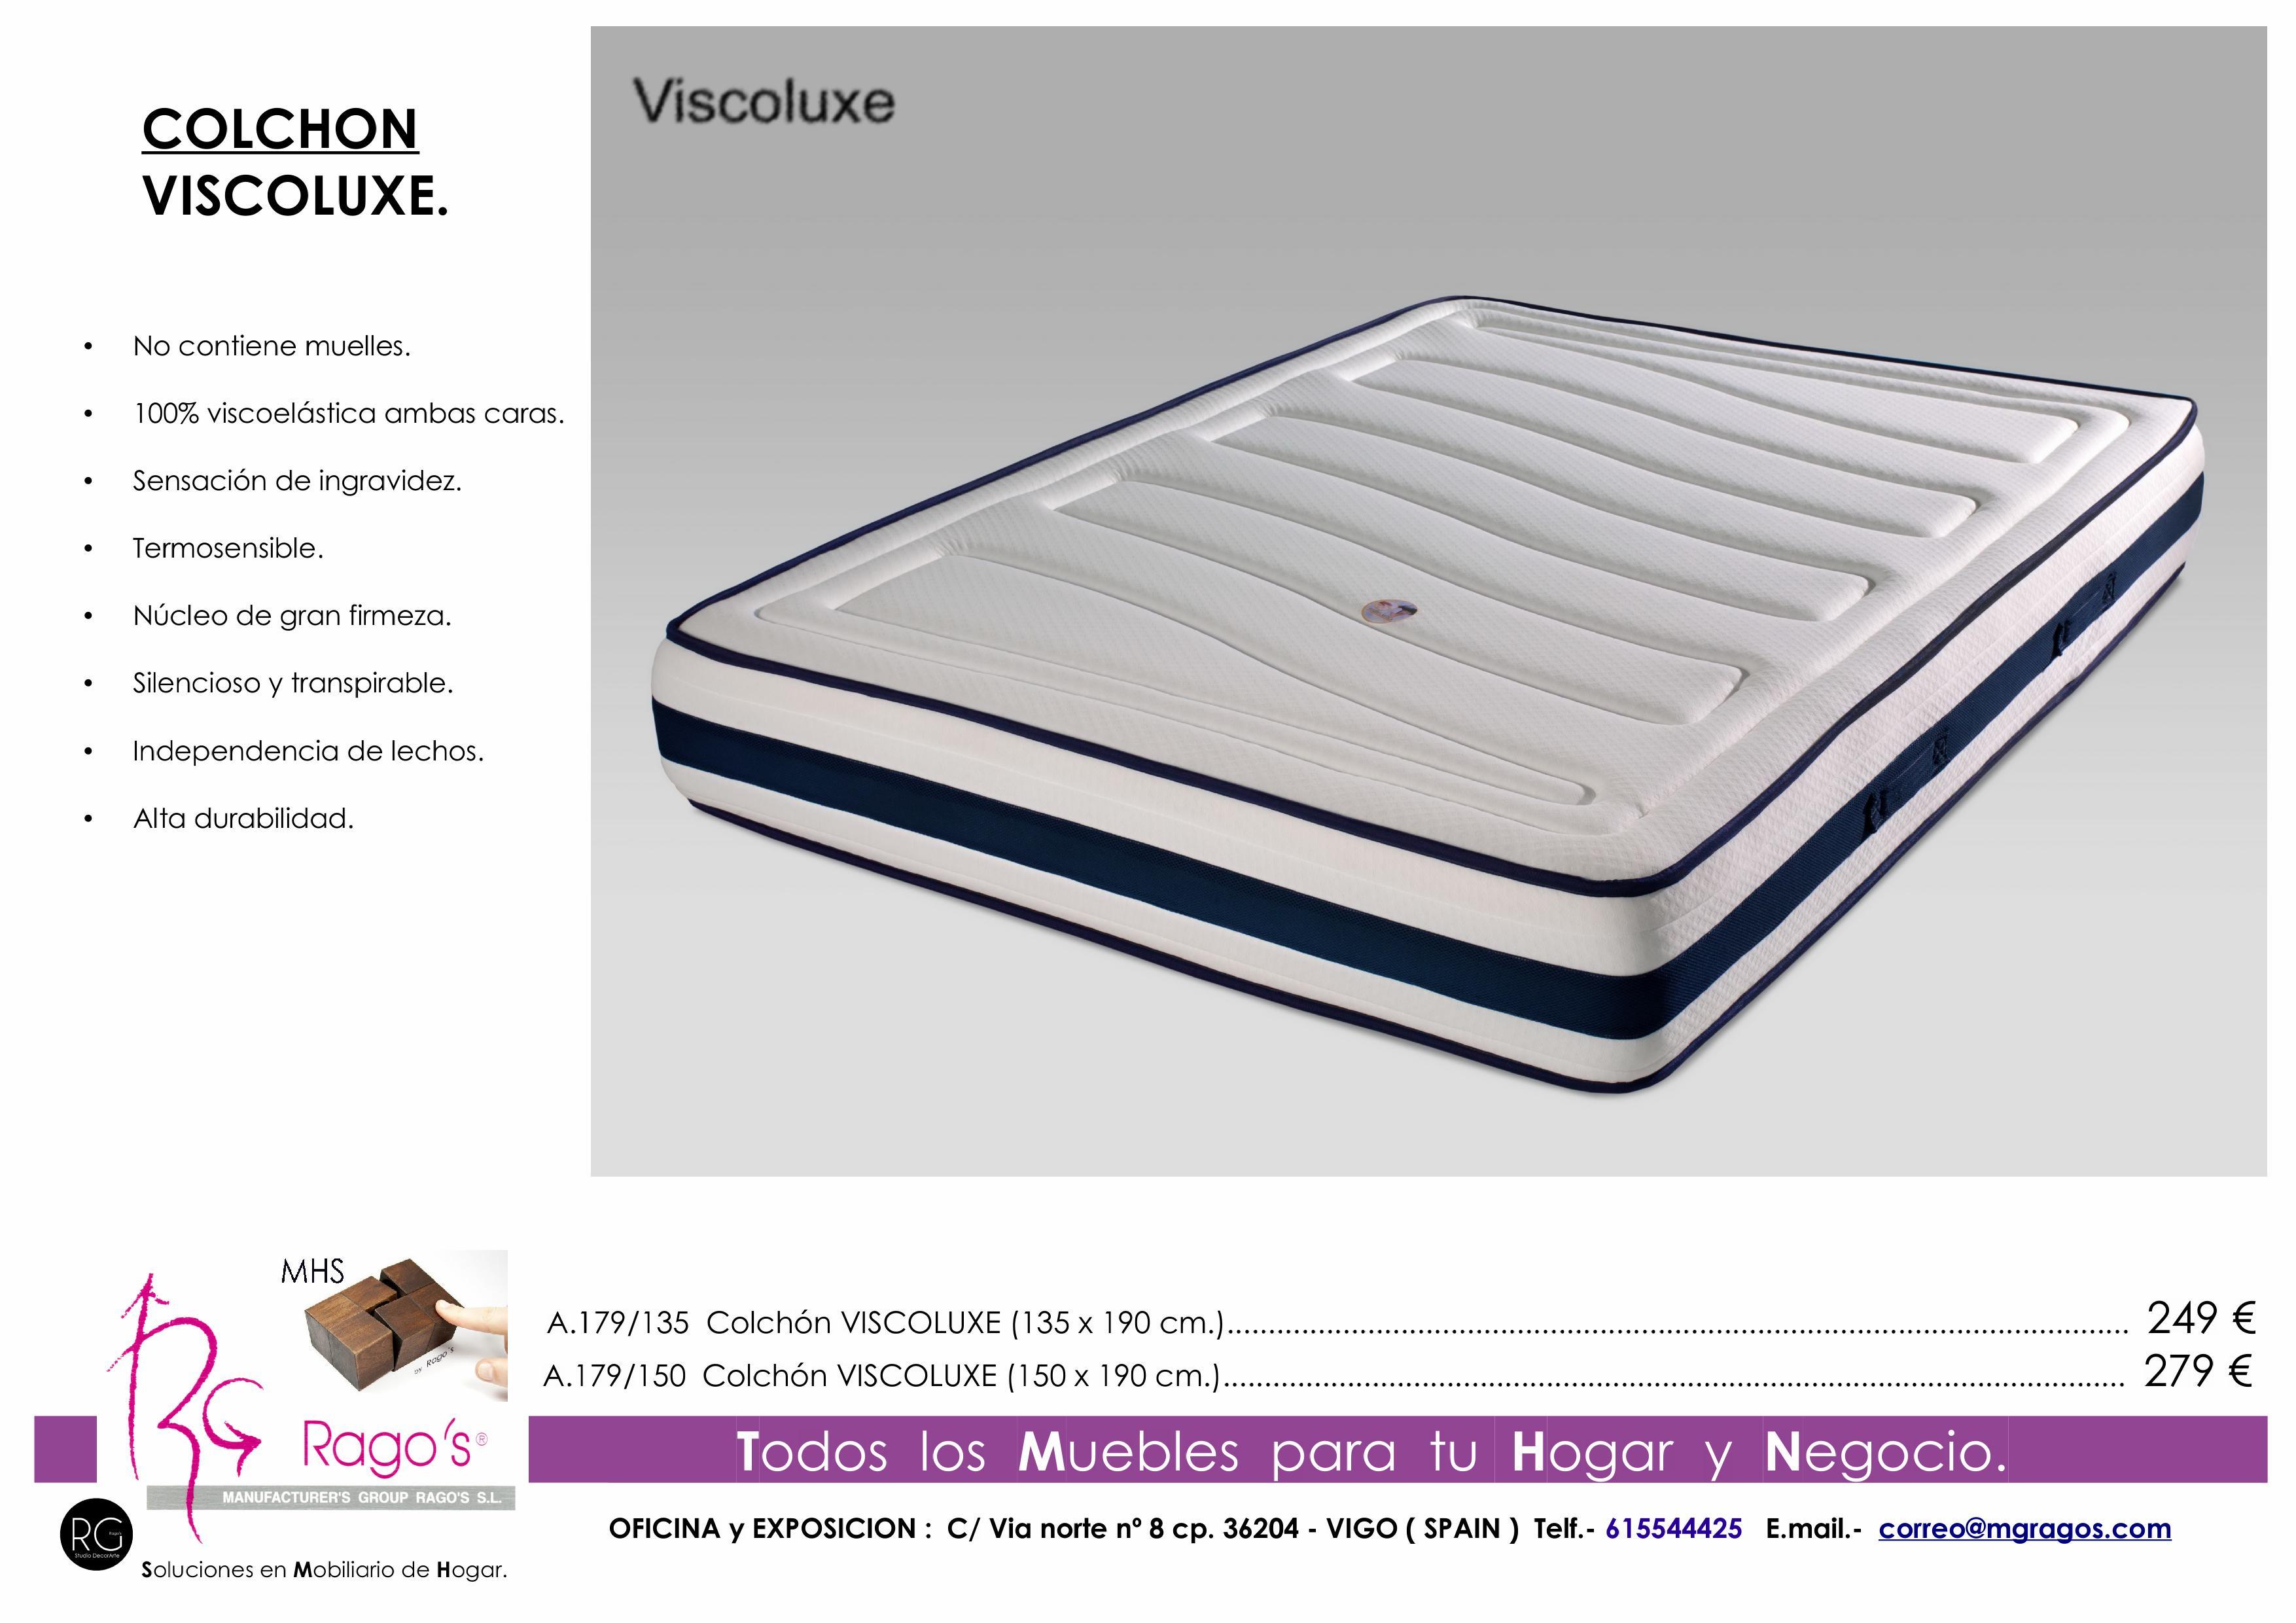 A.179 Colchón VISCO LUXE Pag. nº 9